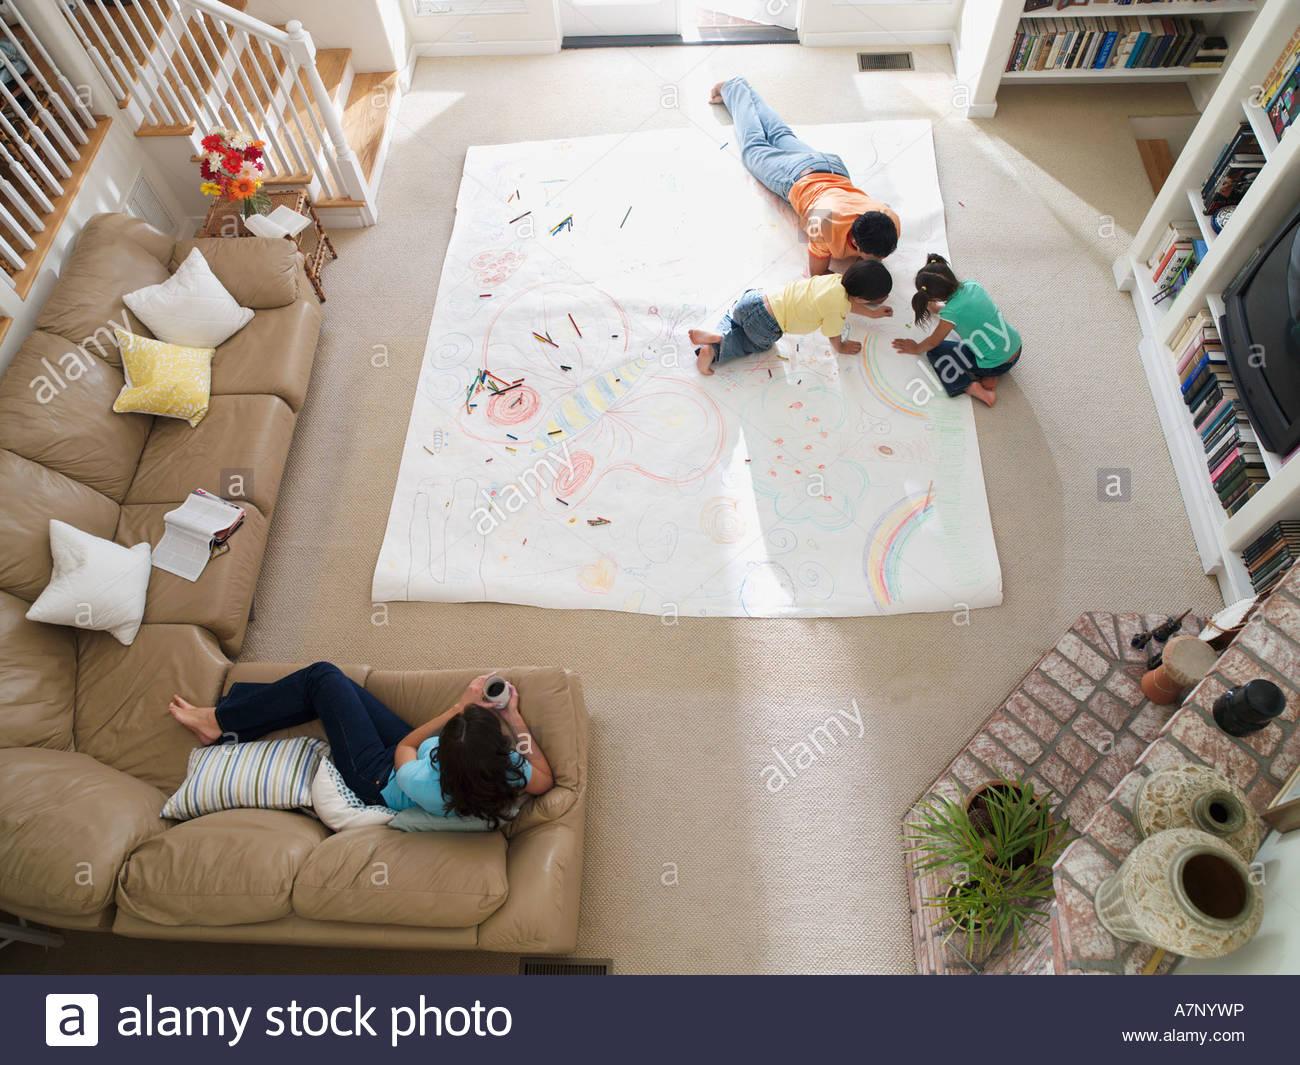 Fußboden Aus Papier ~ Familie gestützt auf großes blatt papier auf wohnzimmer boden